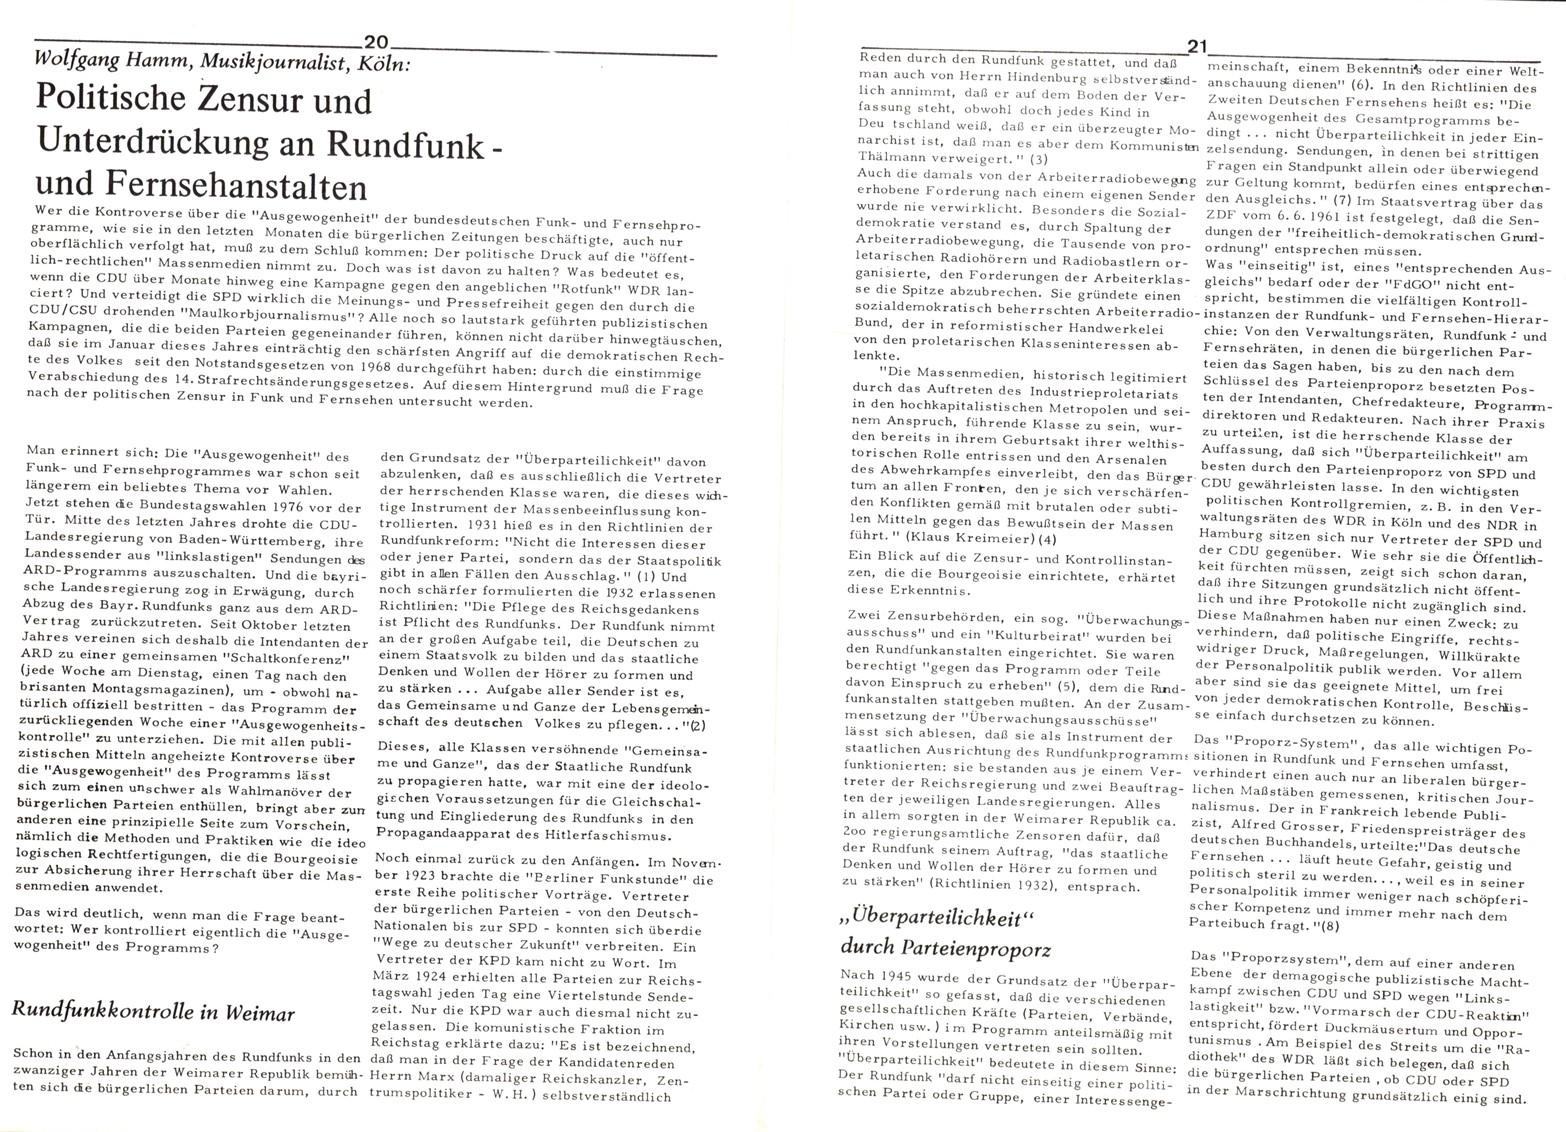 VSK_Kaempfende_Kunst_19760200_Sonderdruck_11